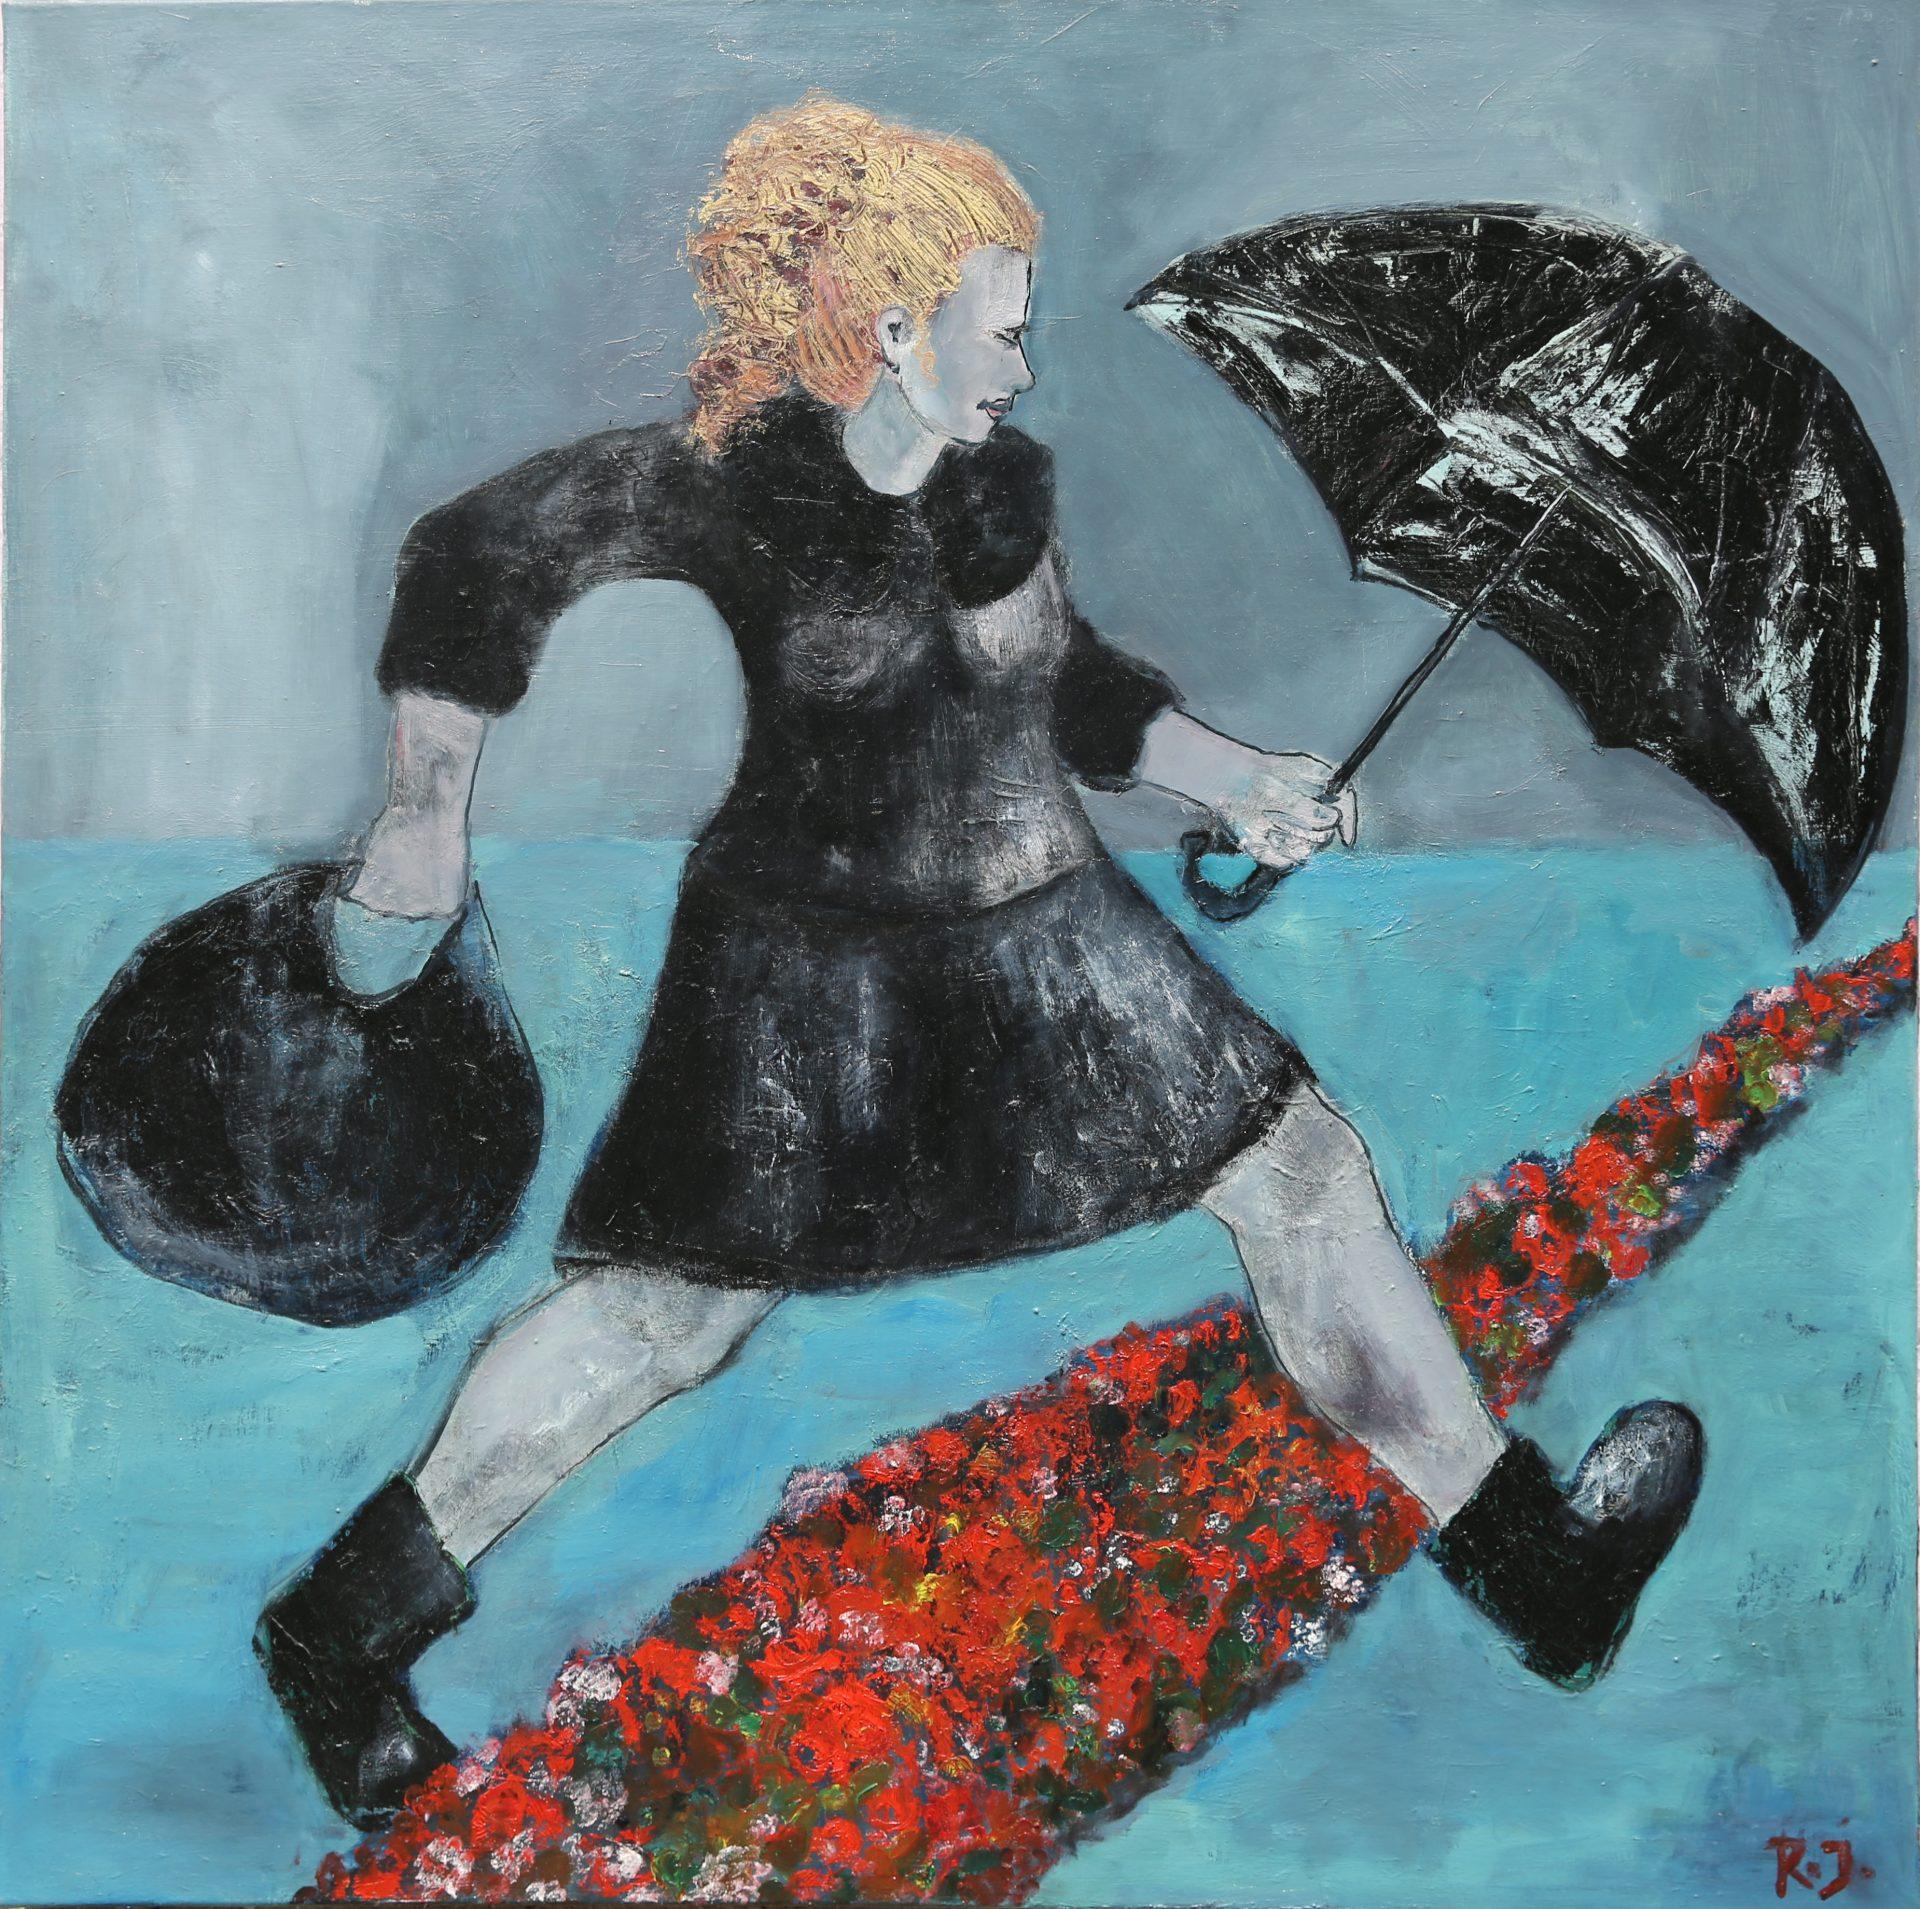 Mary Poppins - Öl auf Leinwand, 100x100 cm